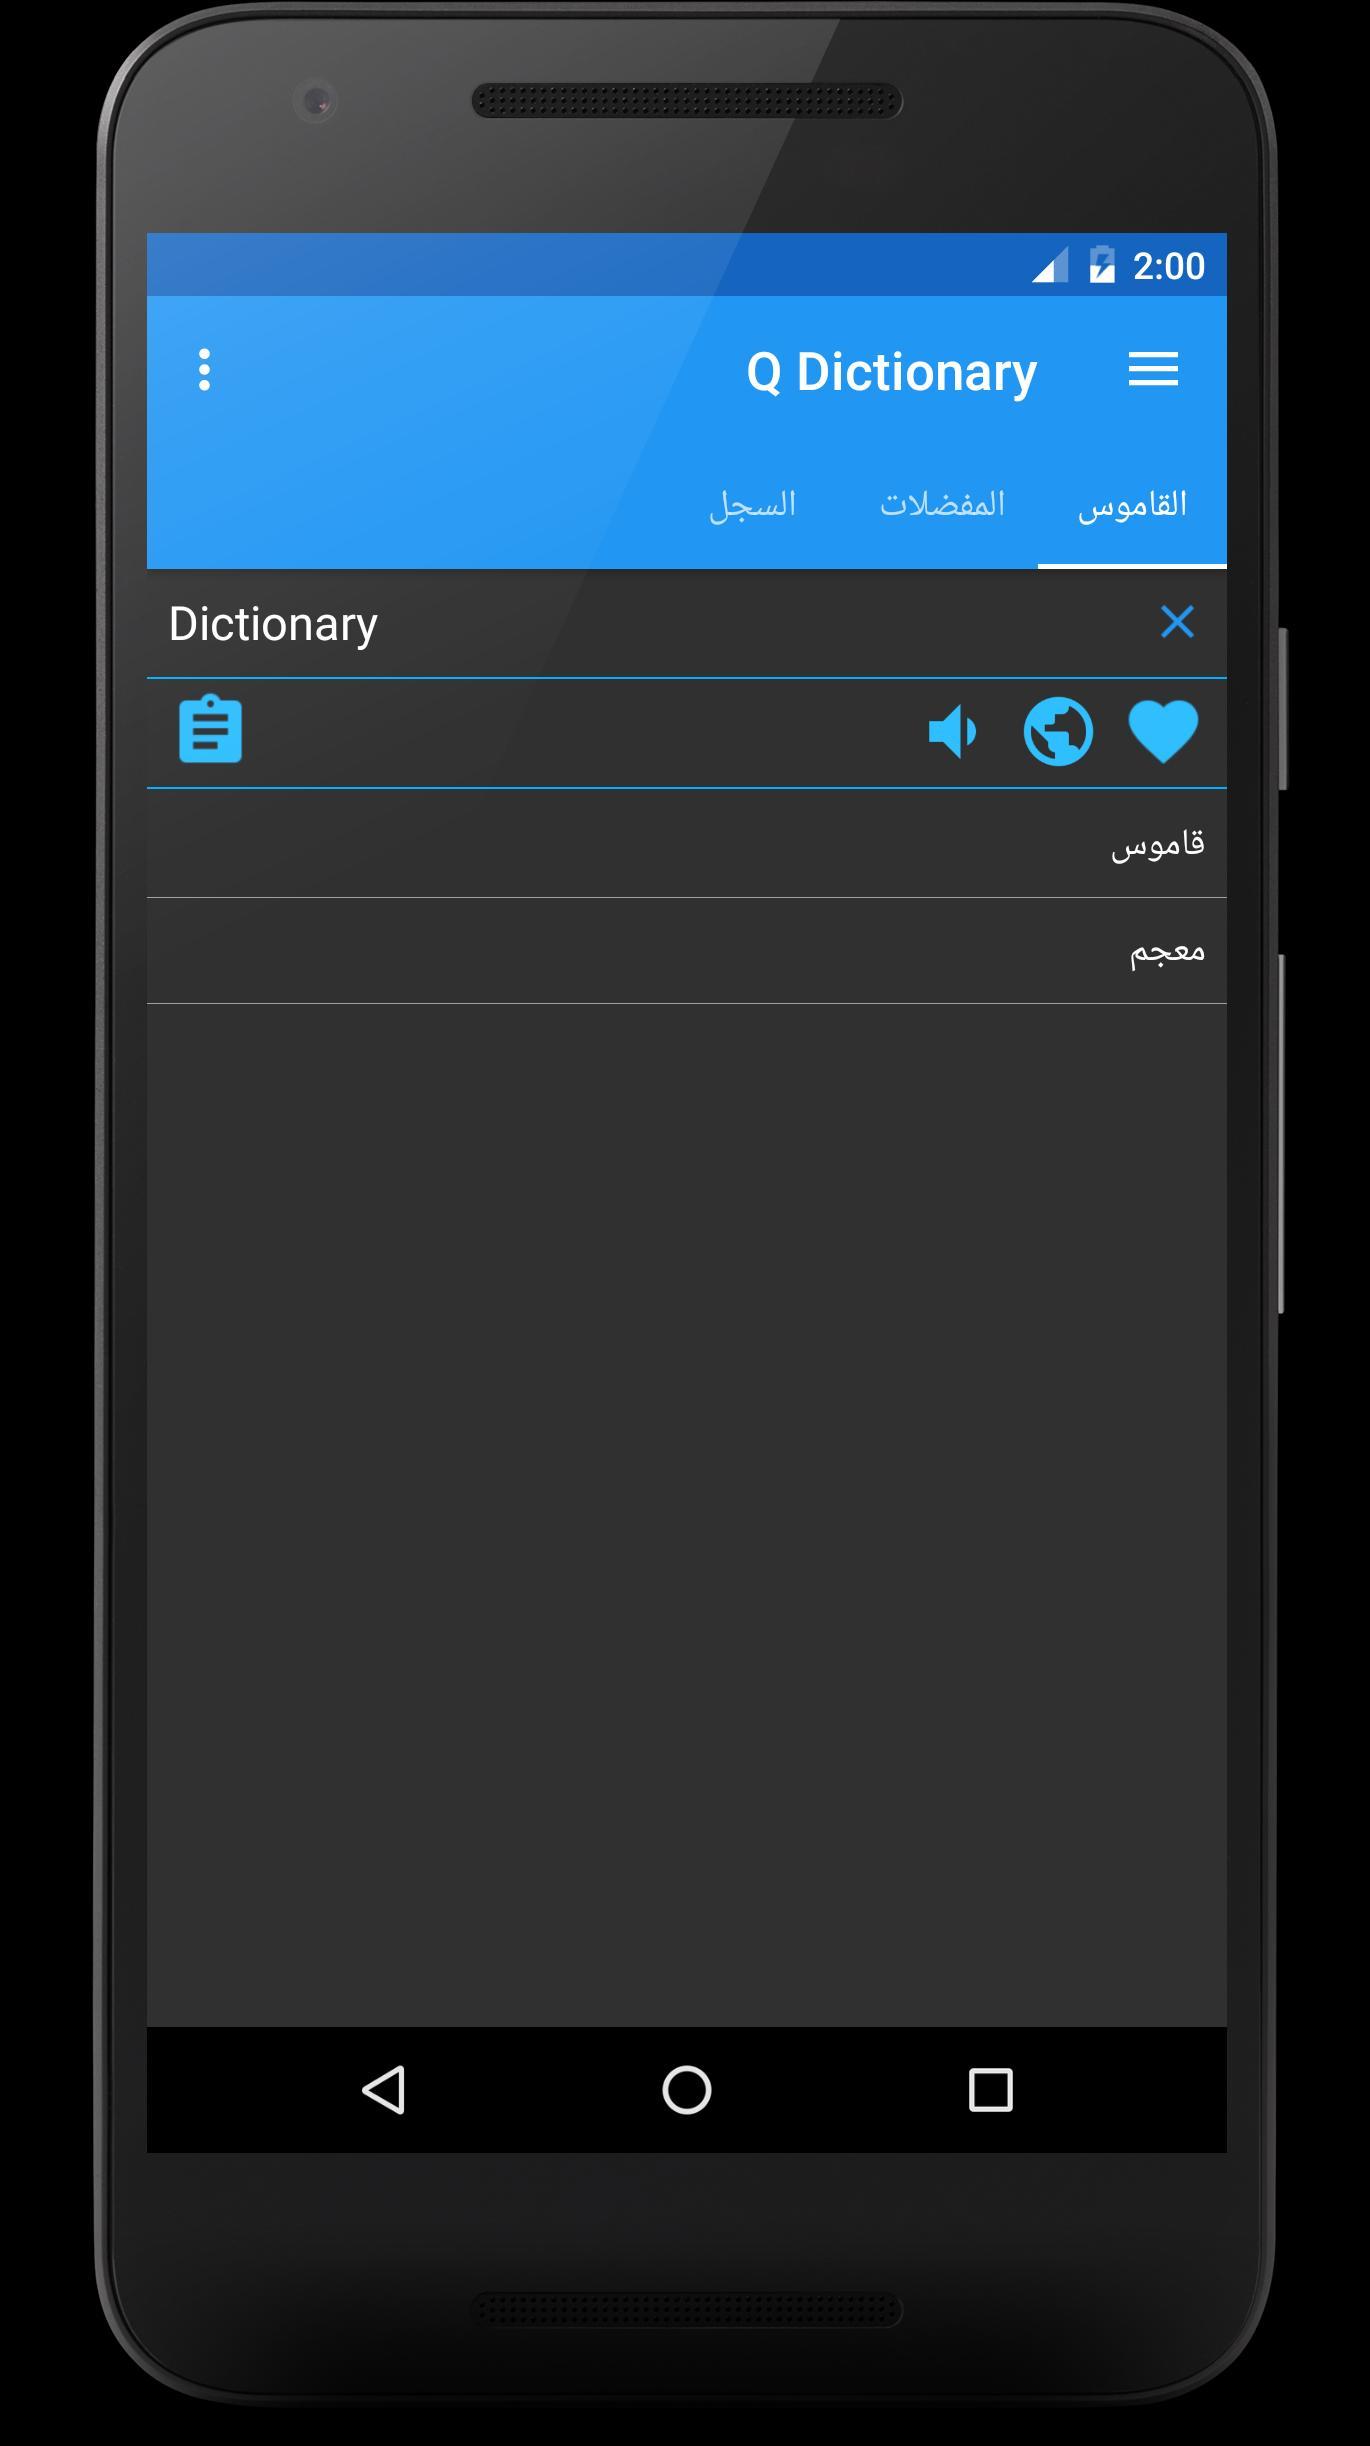 قاموس انجليزى عربى بدون انترنت for Android - APK Download